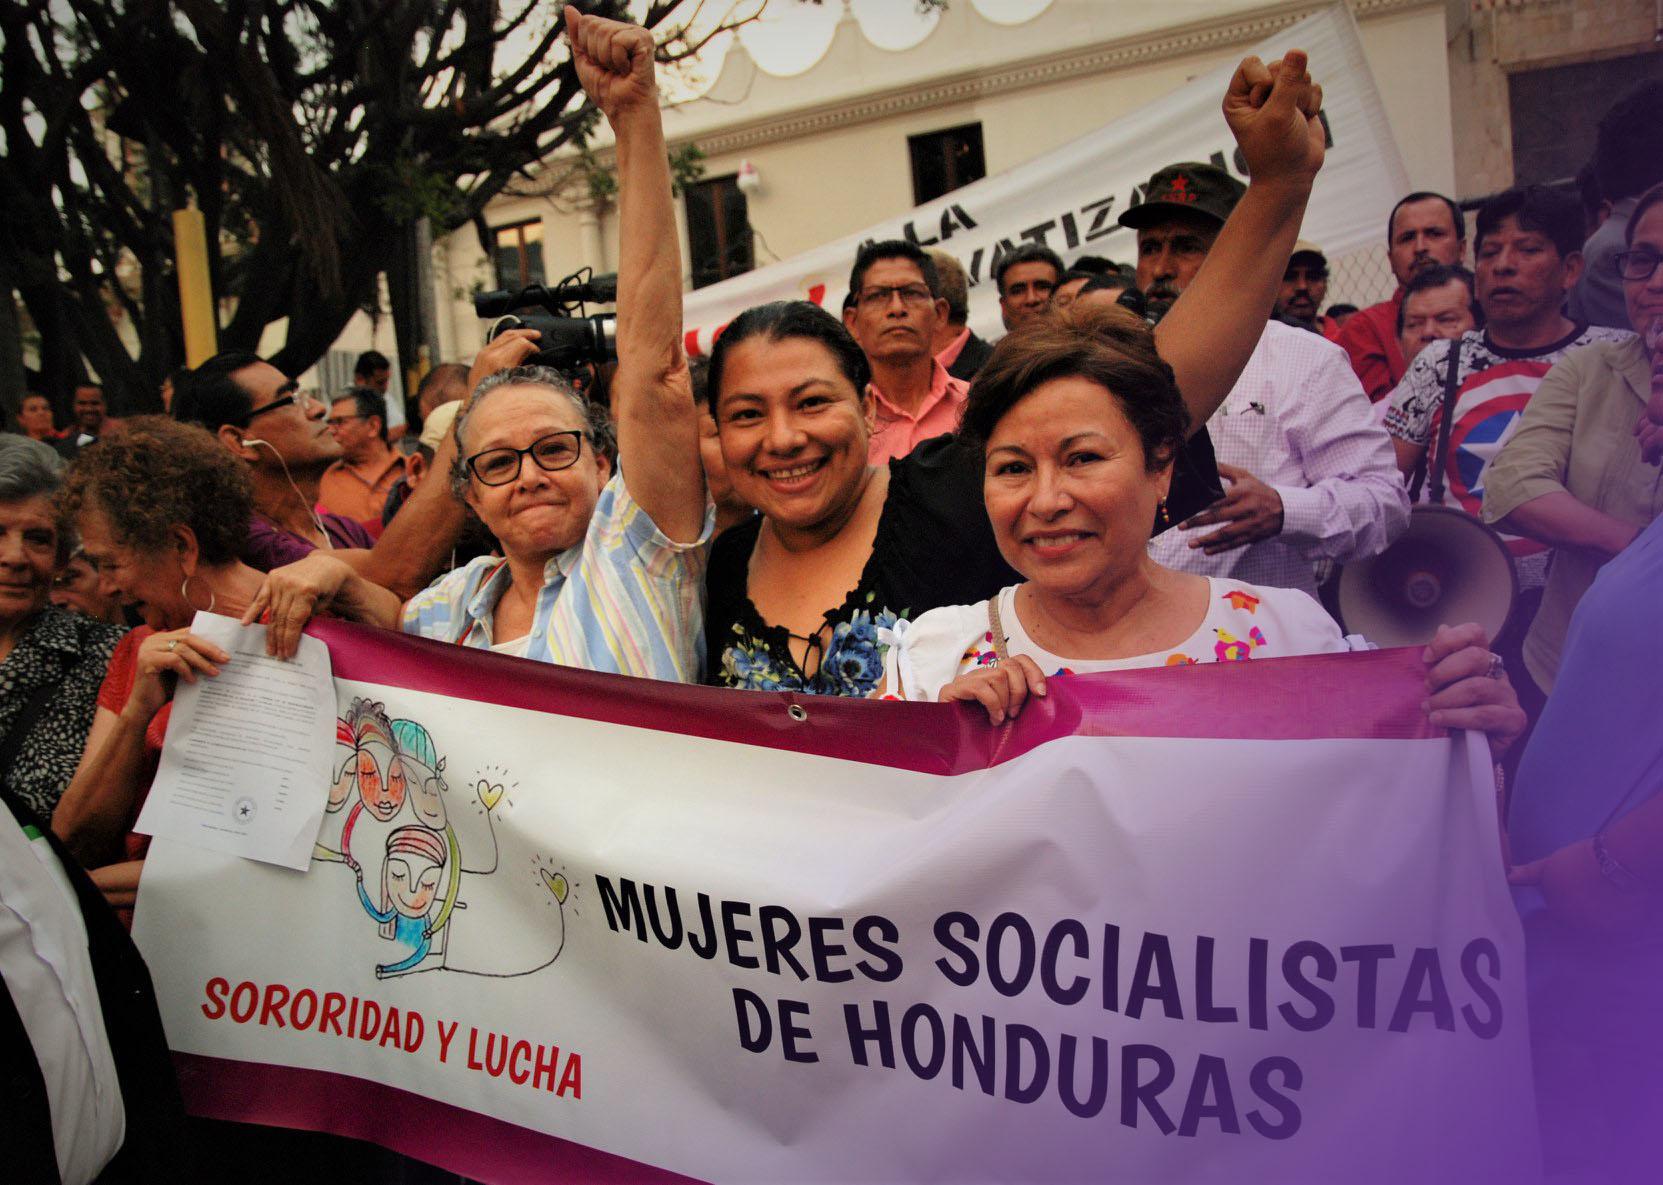 Yamileth Gonzáles al centro de la foto, junto a sus compañeras en una manifestación, sosteniendo una pancarta de las Mujeres Socialistas de Honduras, por sororidad y lucha.